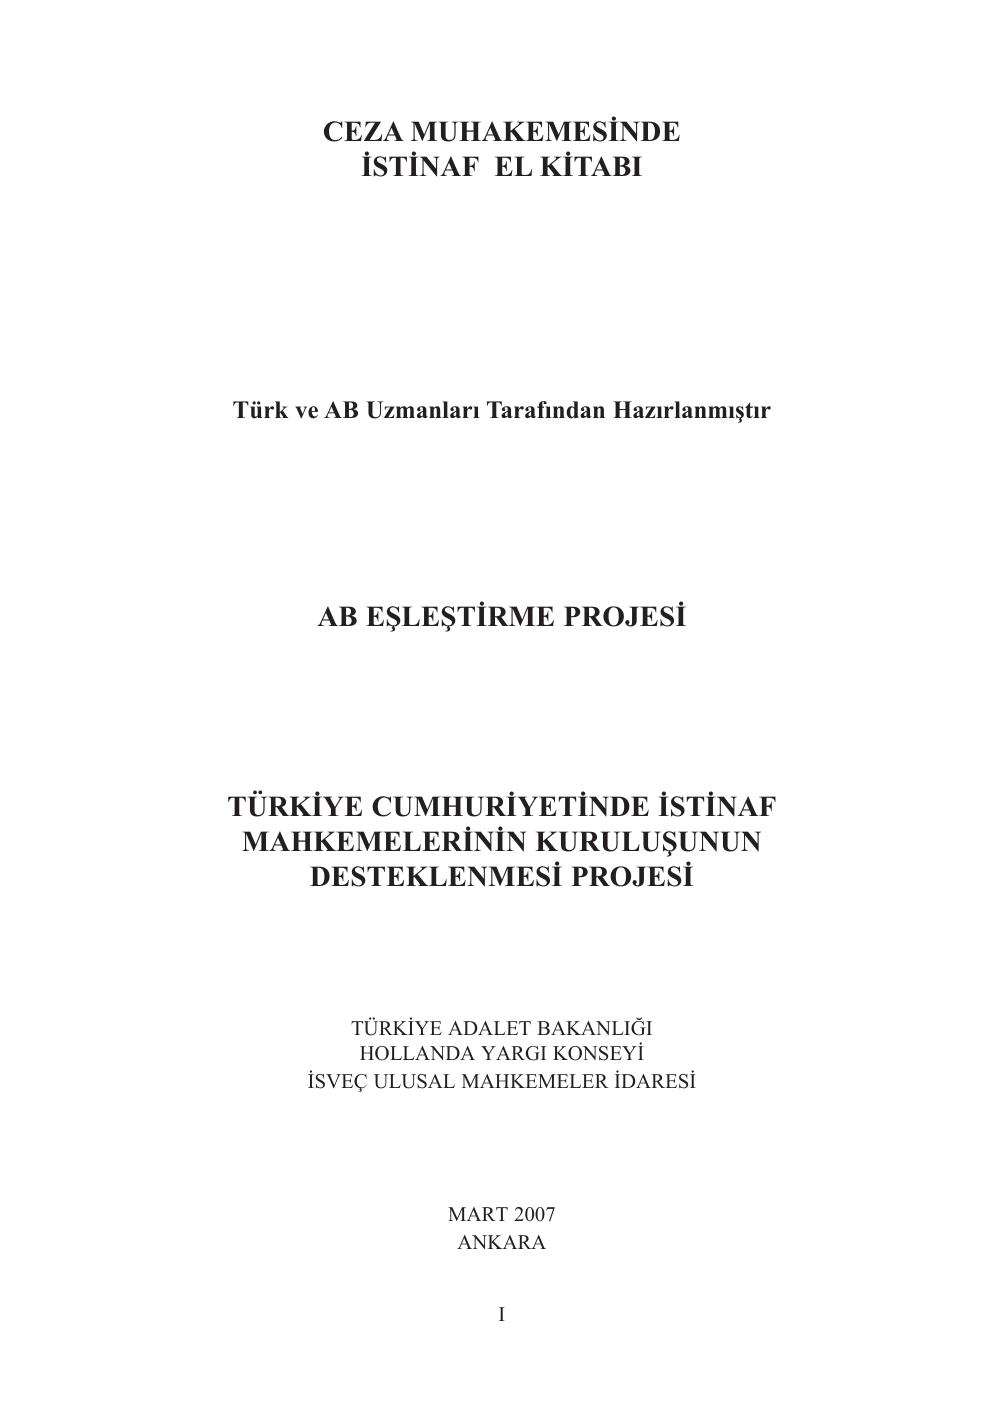 Ceza Muhakemesinde Istinaf El Kitabi Ab Eslestirme Projesi Turkiye